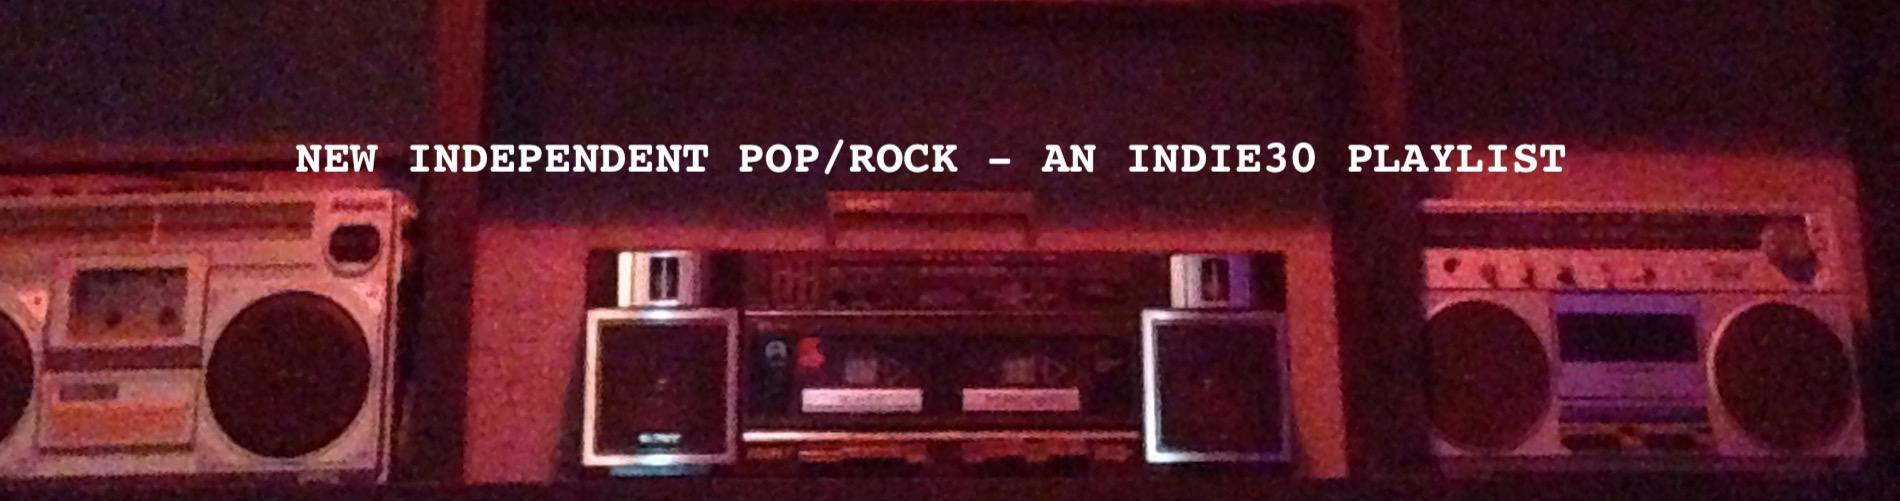 Indie30-Pop-Rock-Playlist-Banner